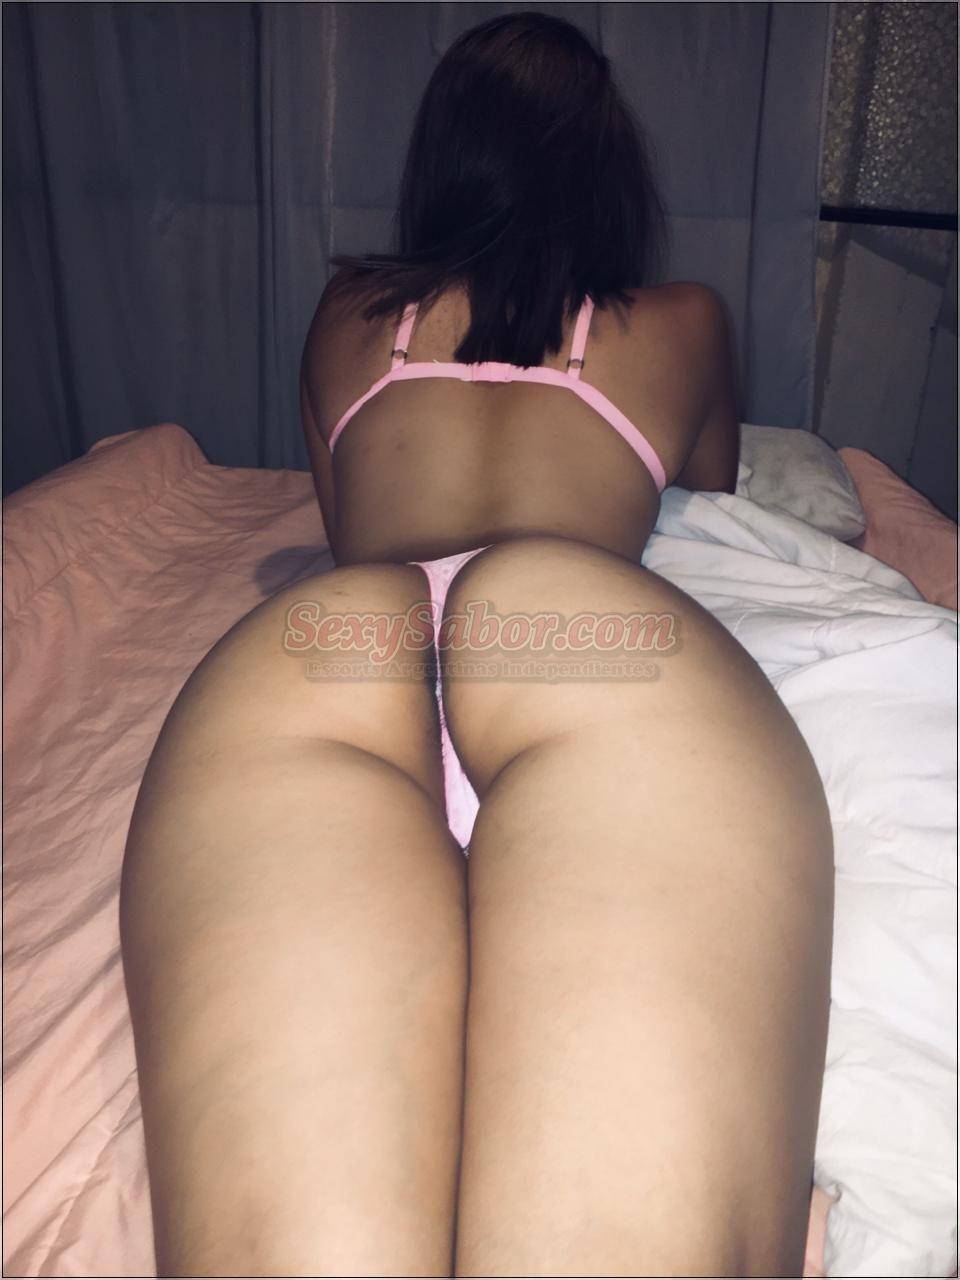 Natasha 15-5652-0004